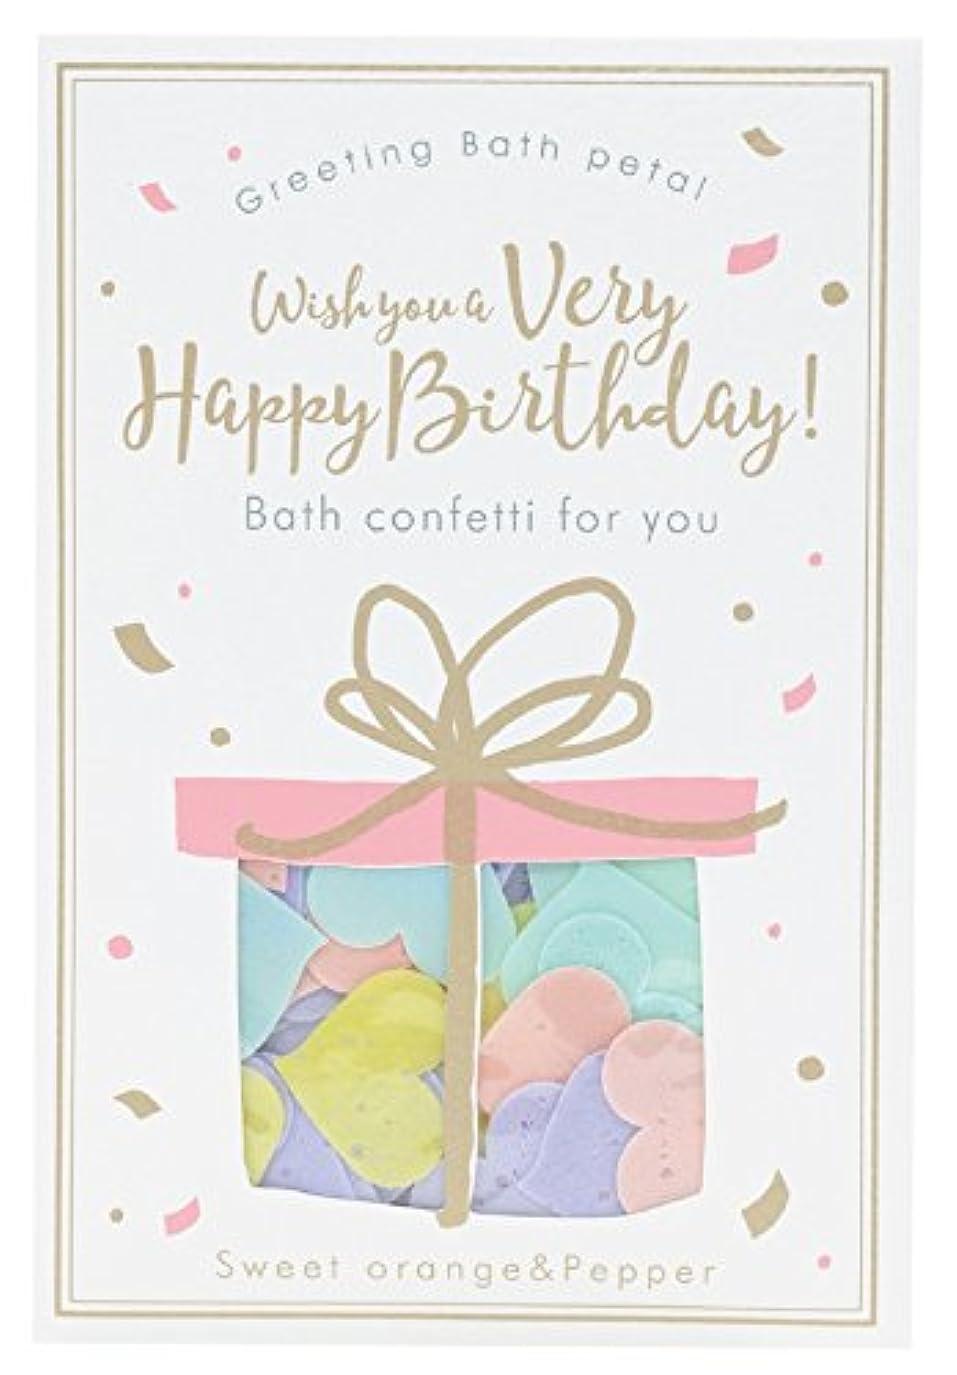 攻撃ハード脅迫ノルコーポレーション 入浴剤 バスペタル グリーティングバスペタル Wish you a very Happy Birthday 12g スウィートオレンジ & ペッパーの香り OB-GTP-1-4